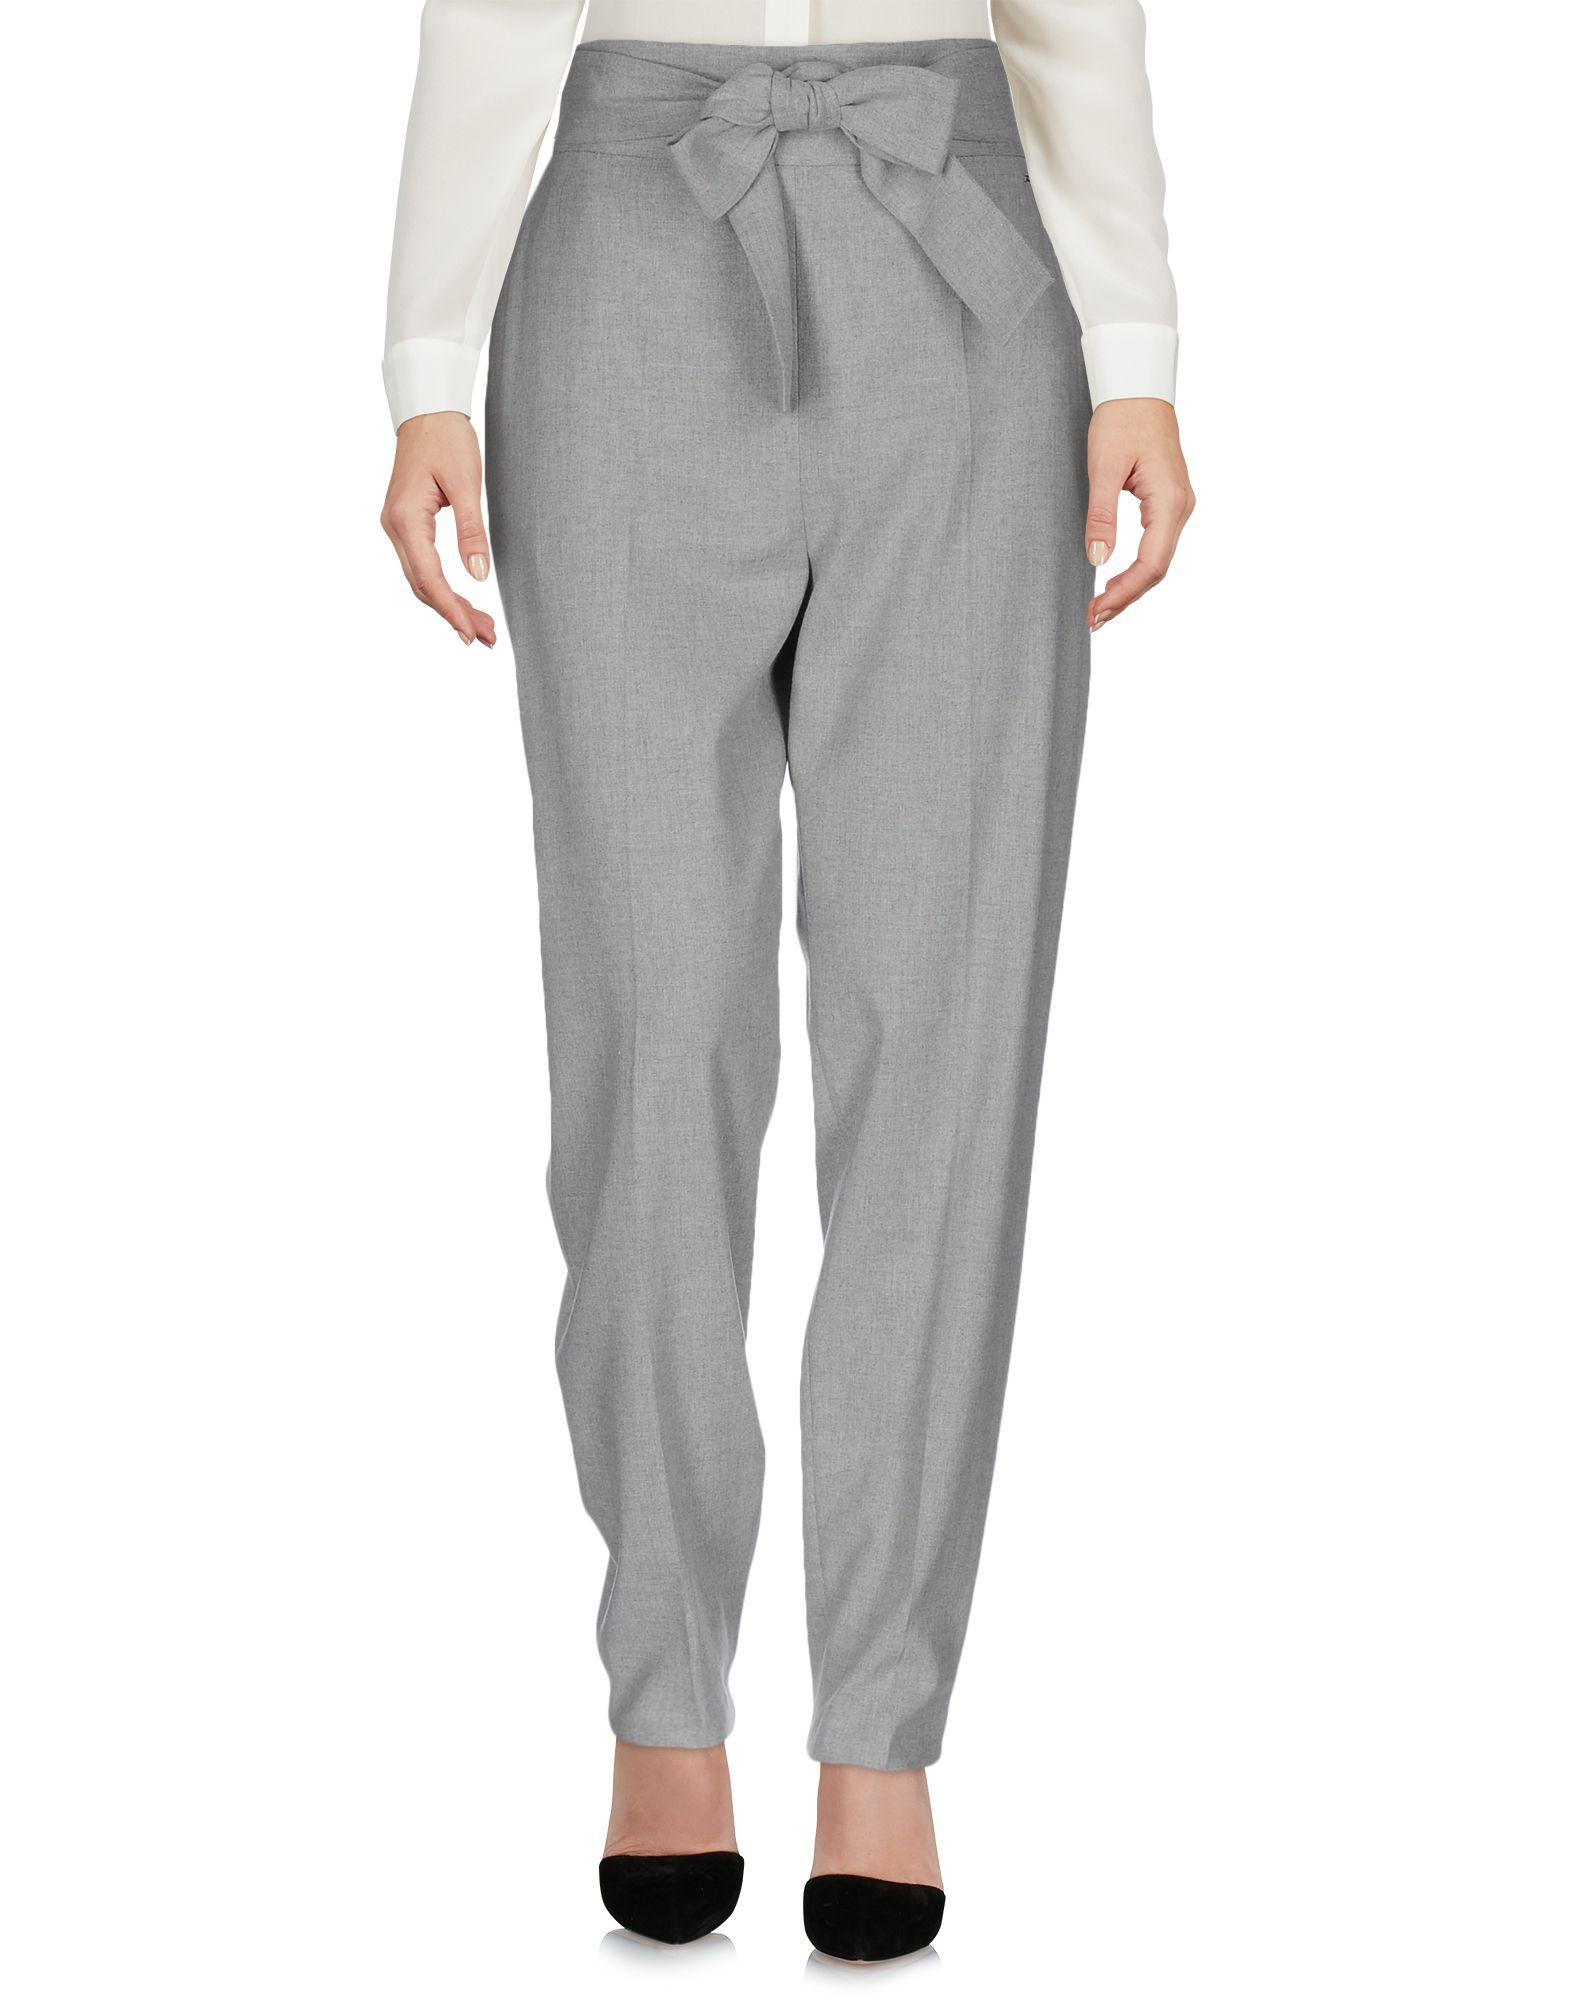 PEDRO DEL HIERRO Casual Pants in Light Grey